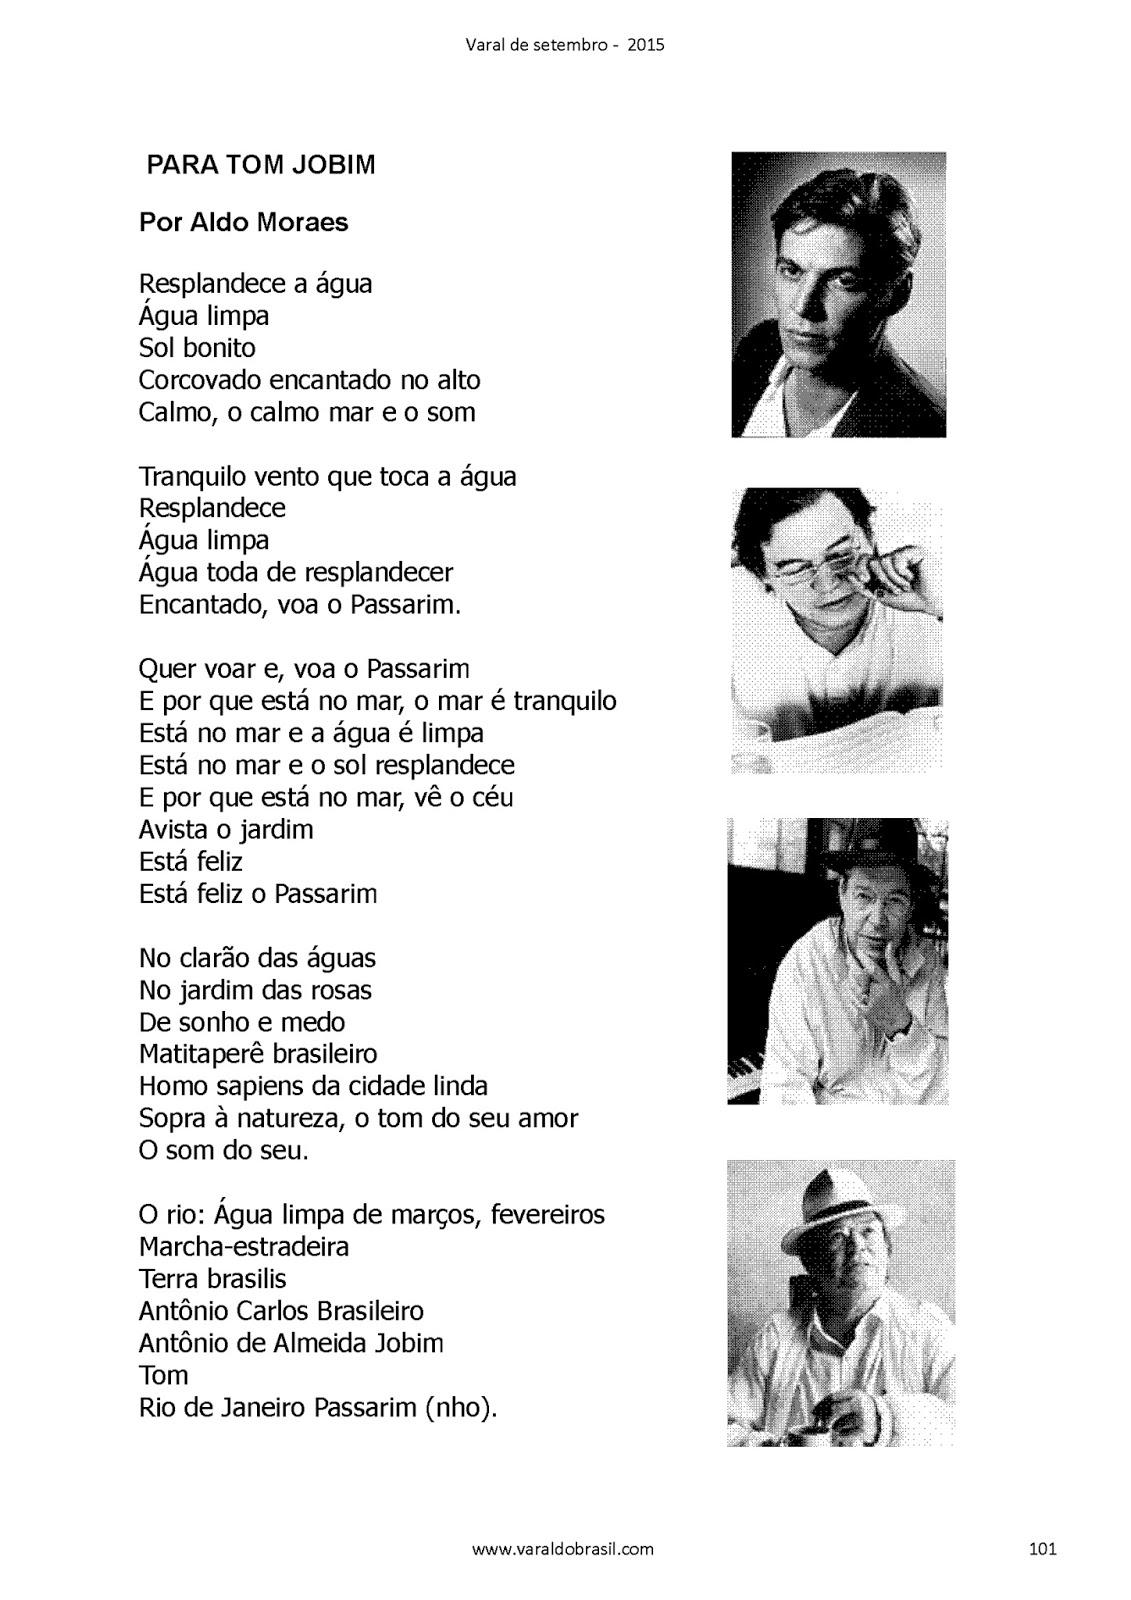 Suficiente Instituto Cultural Arte Brasil: PARA TOM JOBIM: POEMA DE ALDO  VY91